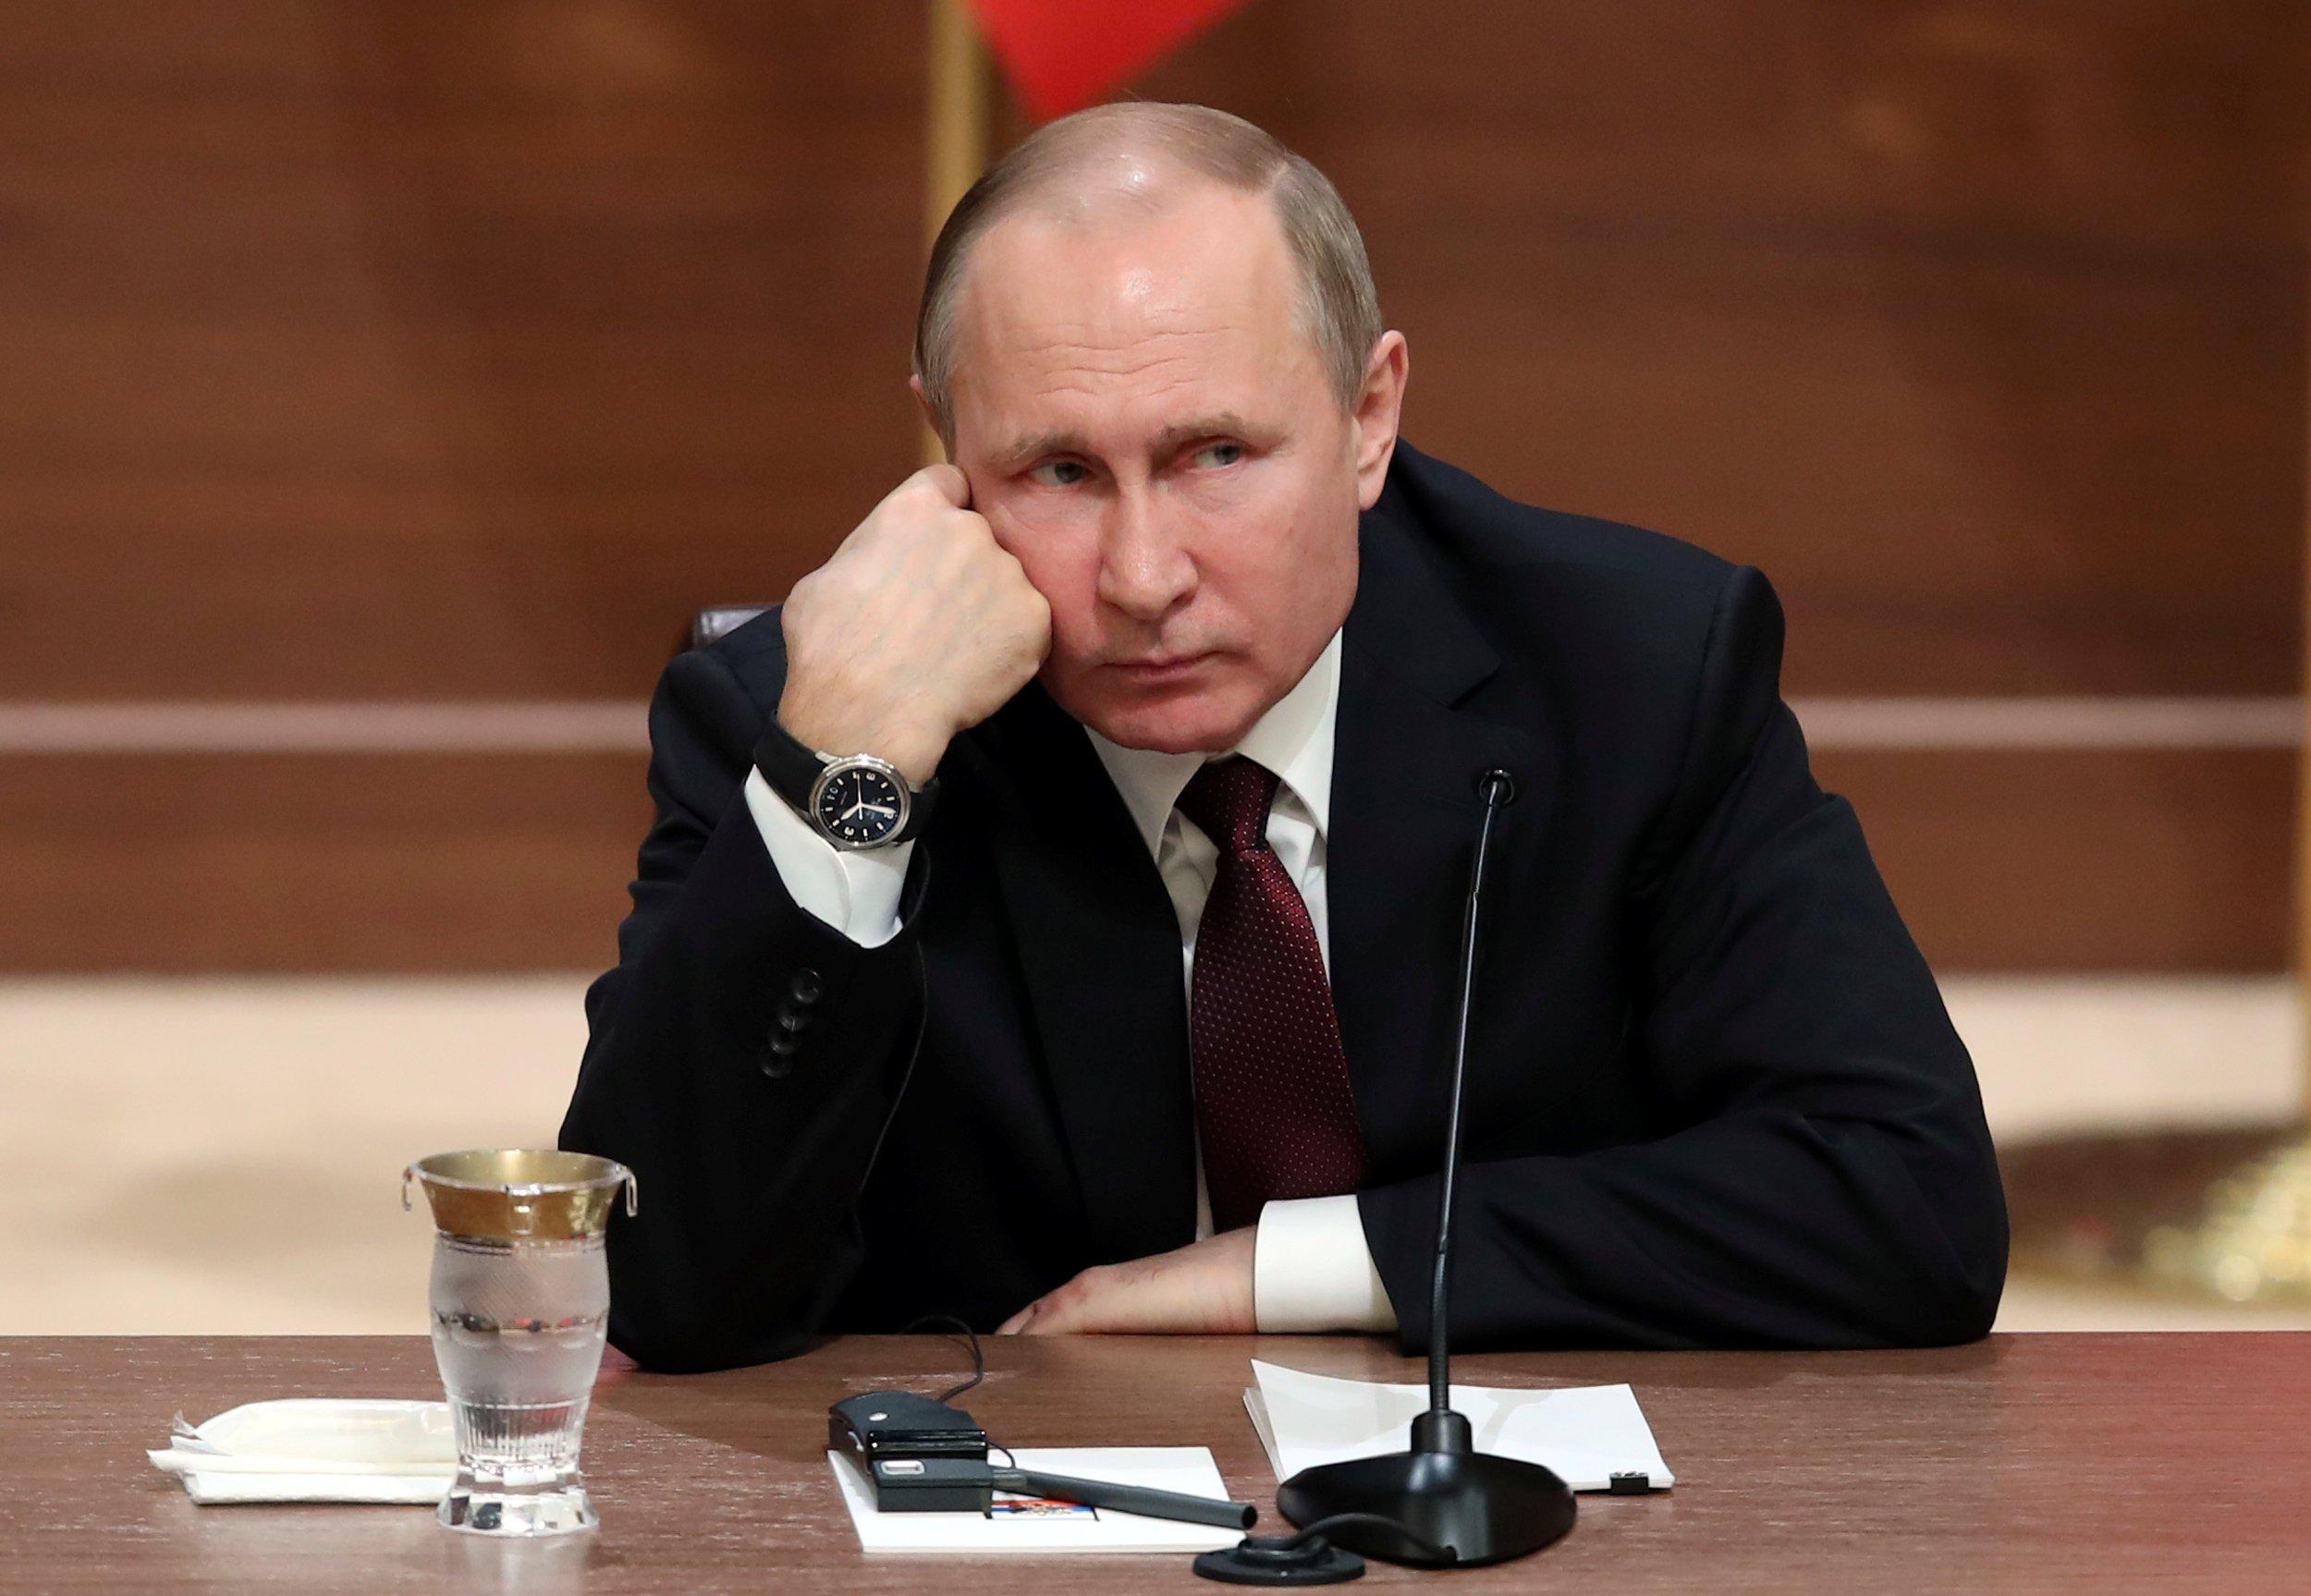 Путин официально станет президентом РФ 7 мая.